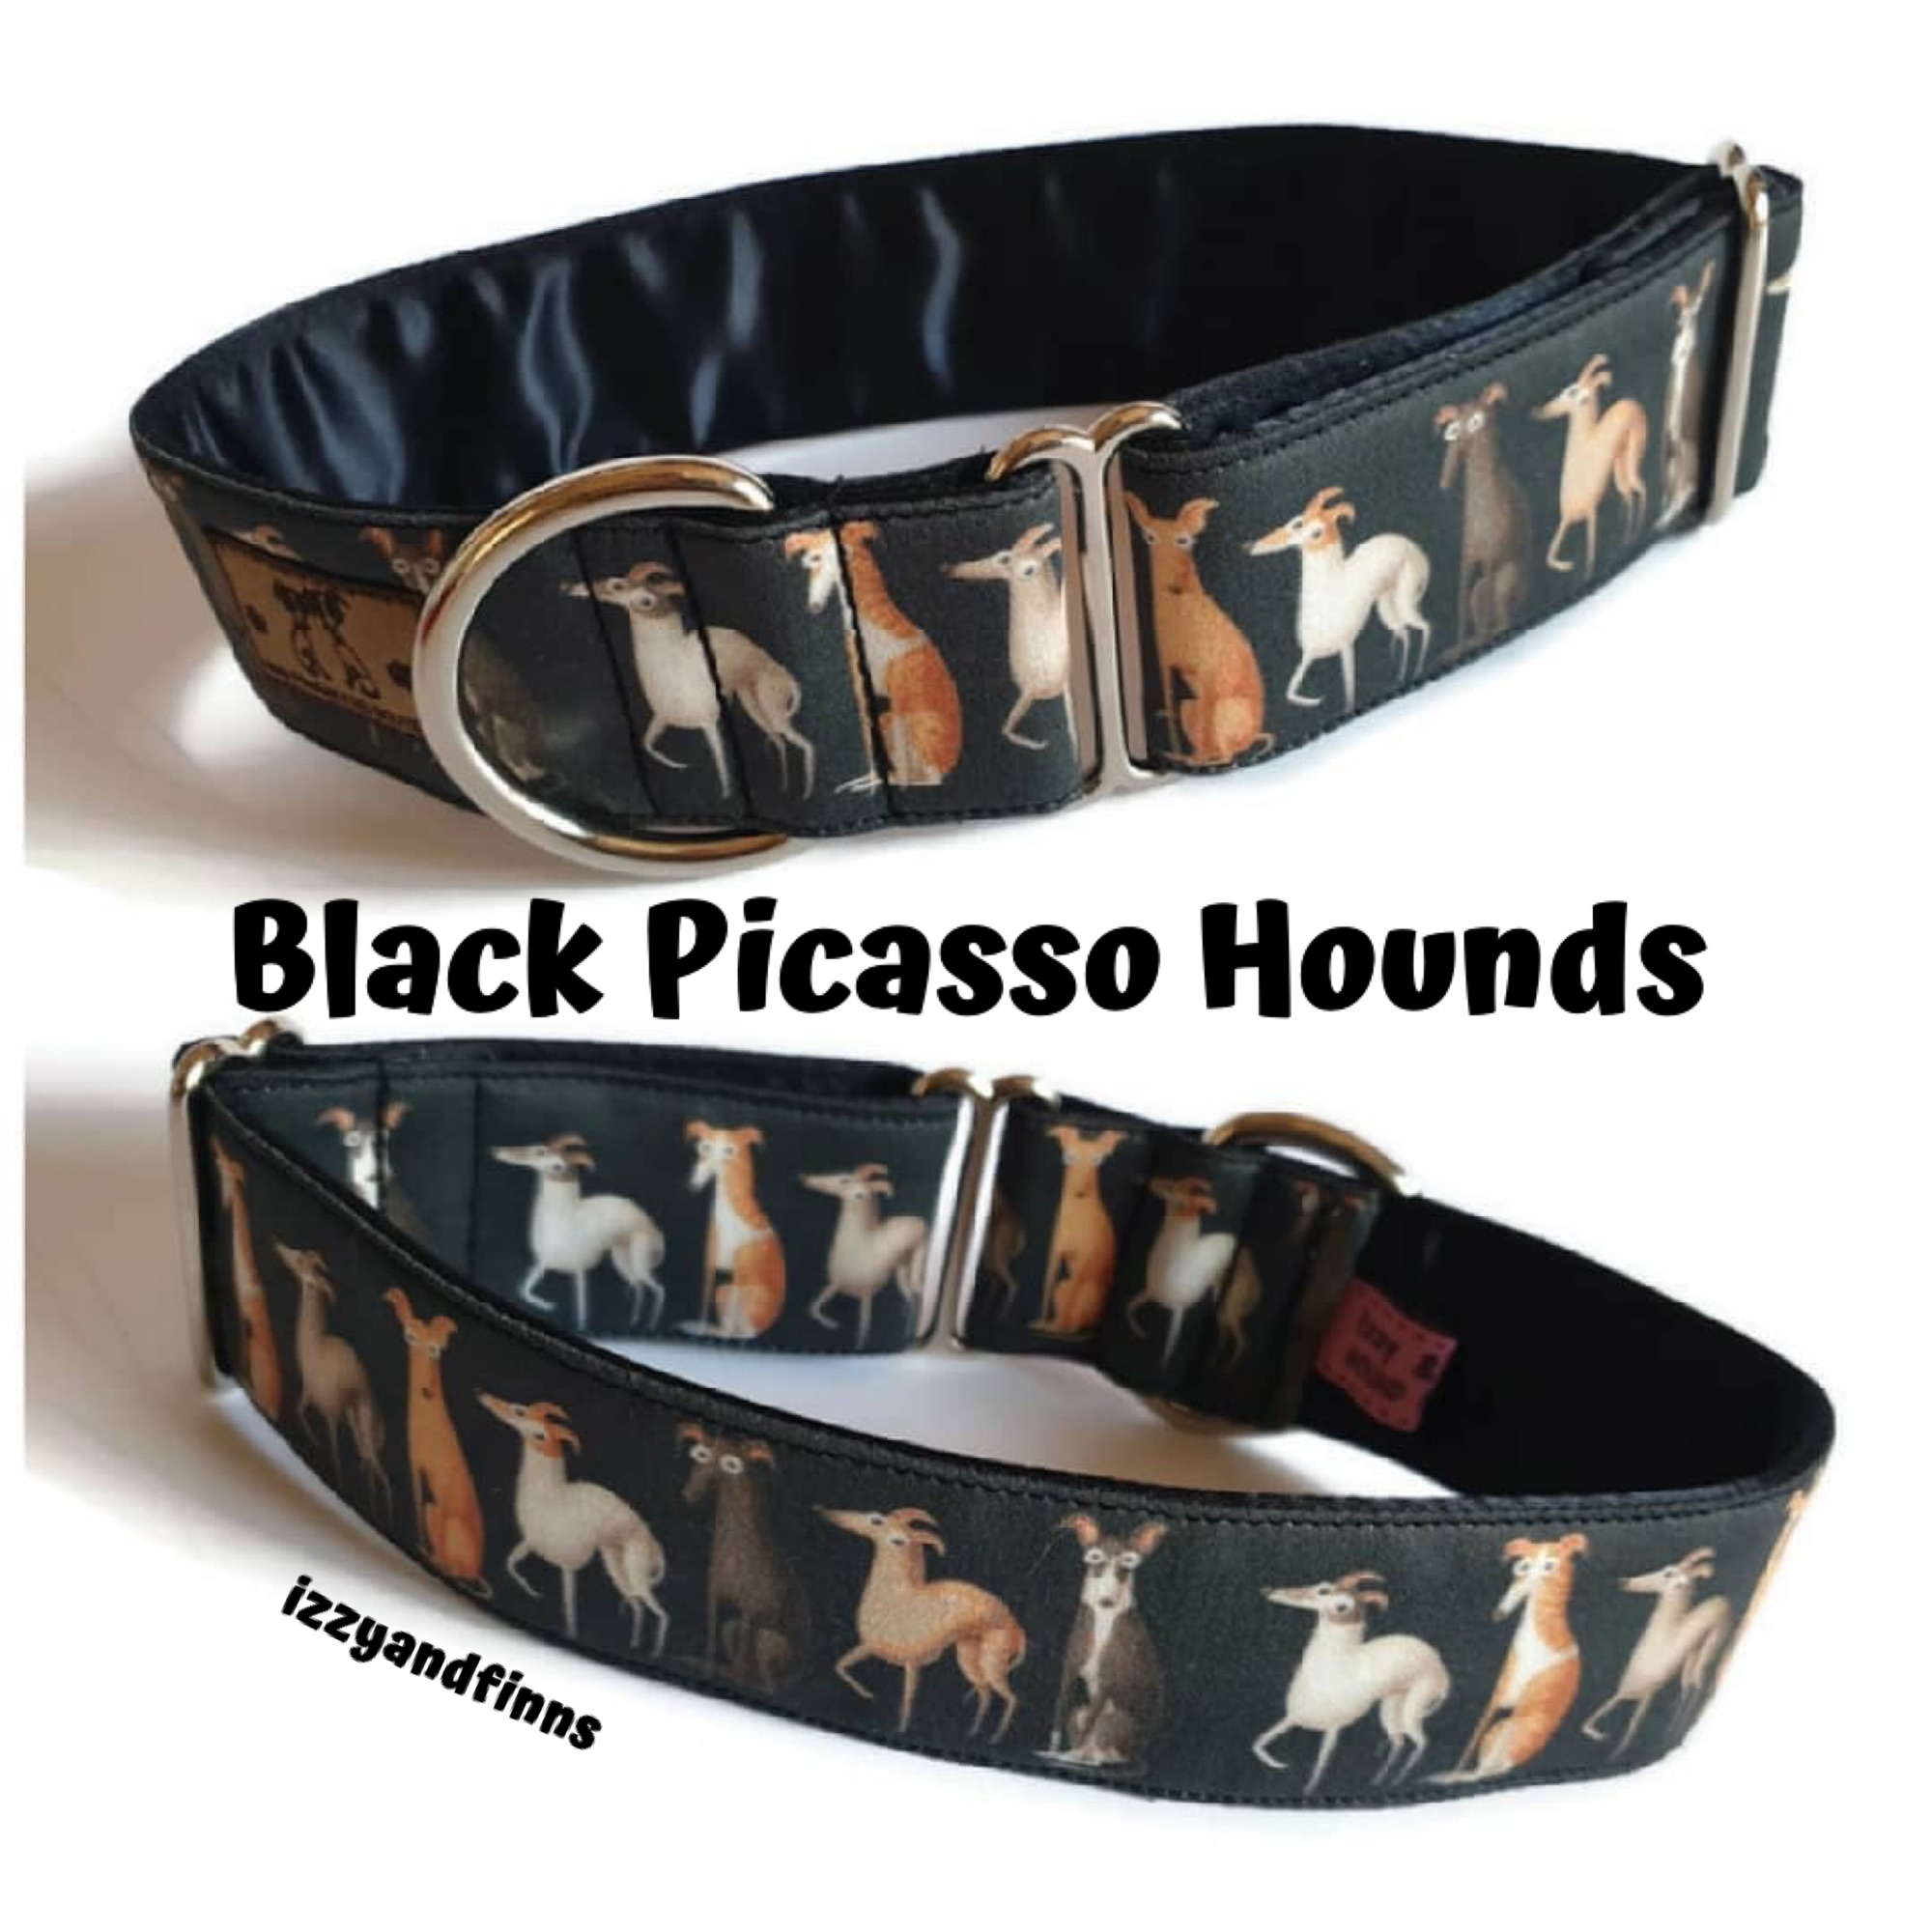 Black Picasso Hounds